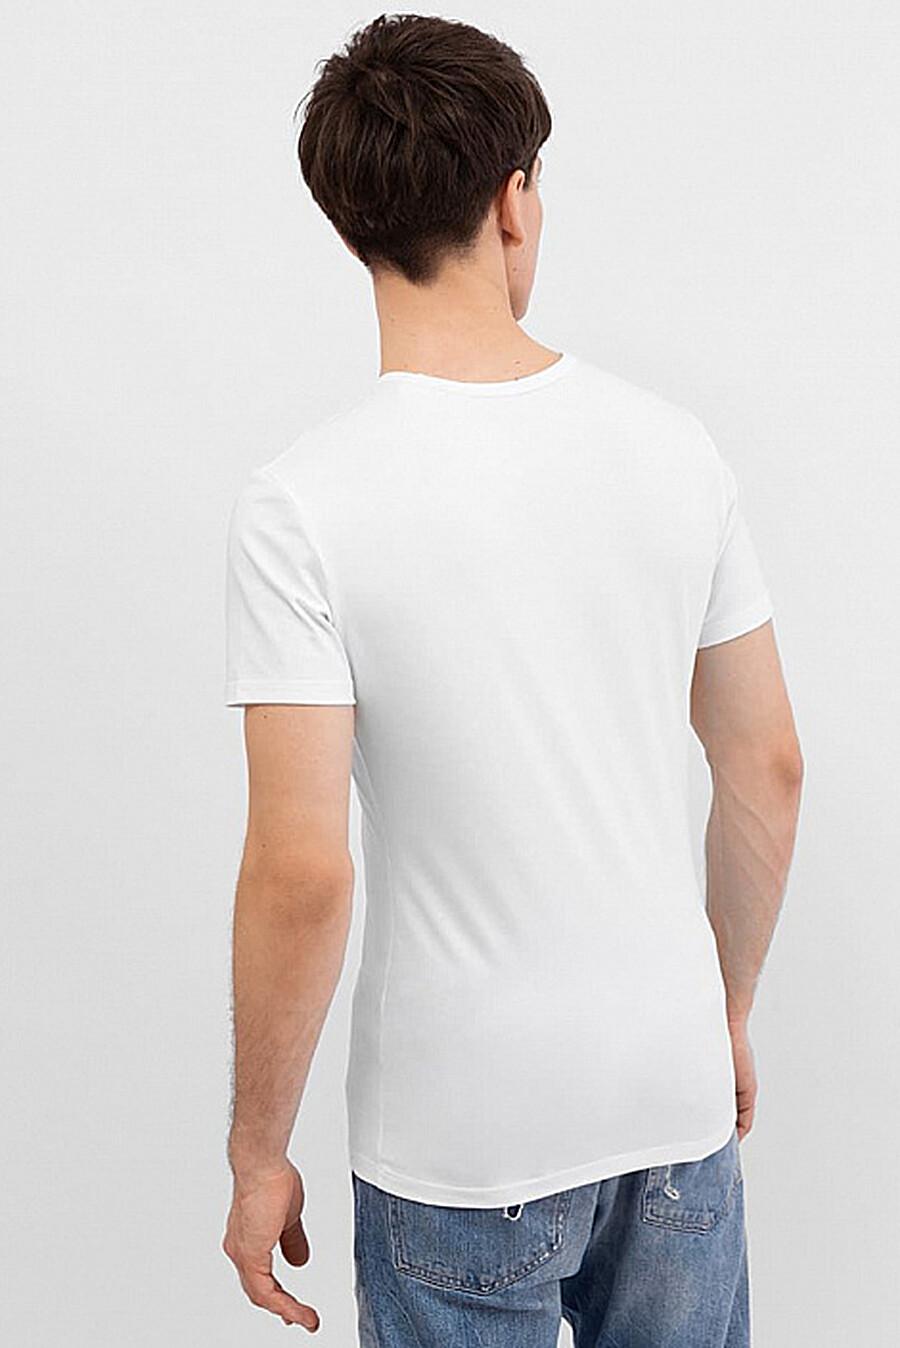 Фуфайка для мужчин MARK FORMELLE 218295 купить оптом от производителя. Совместная покупка мужской одежды в OptMoyo